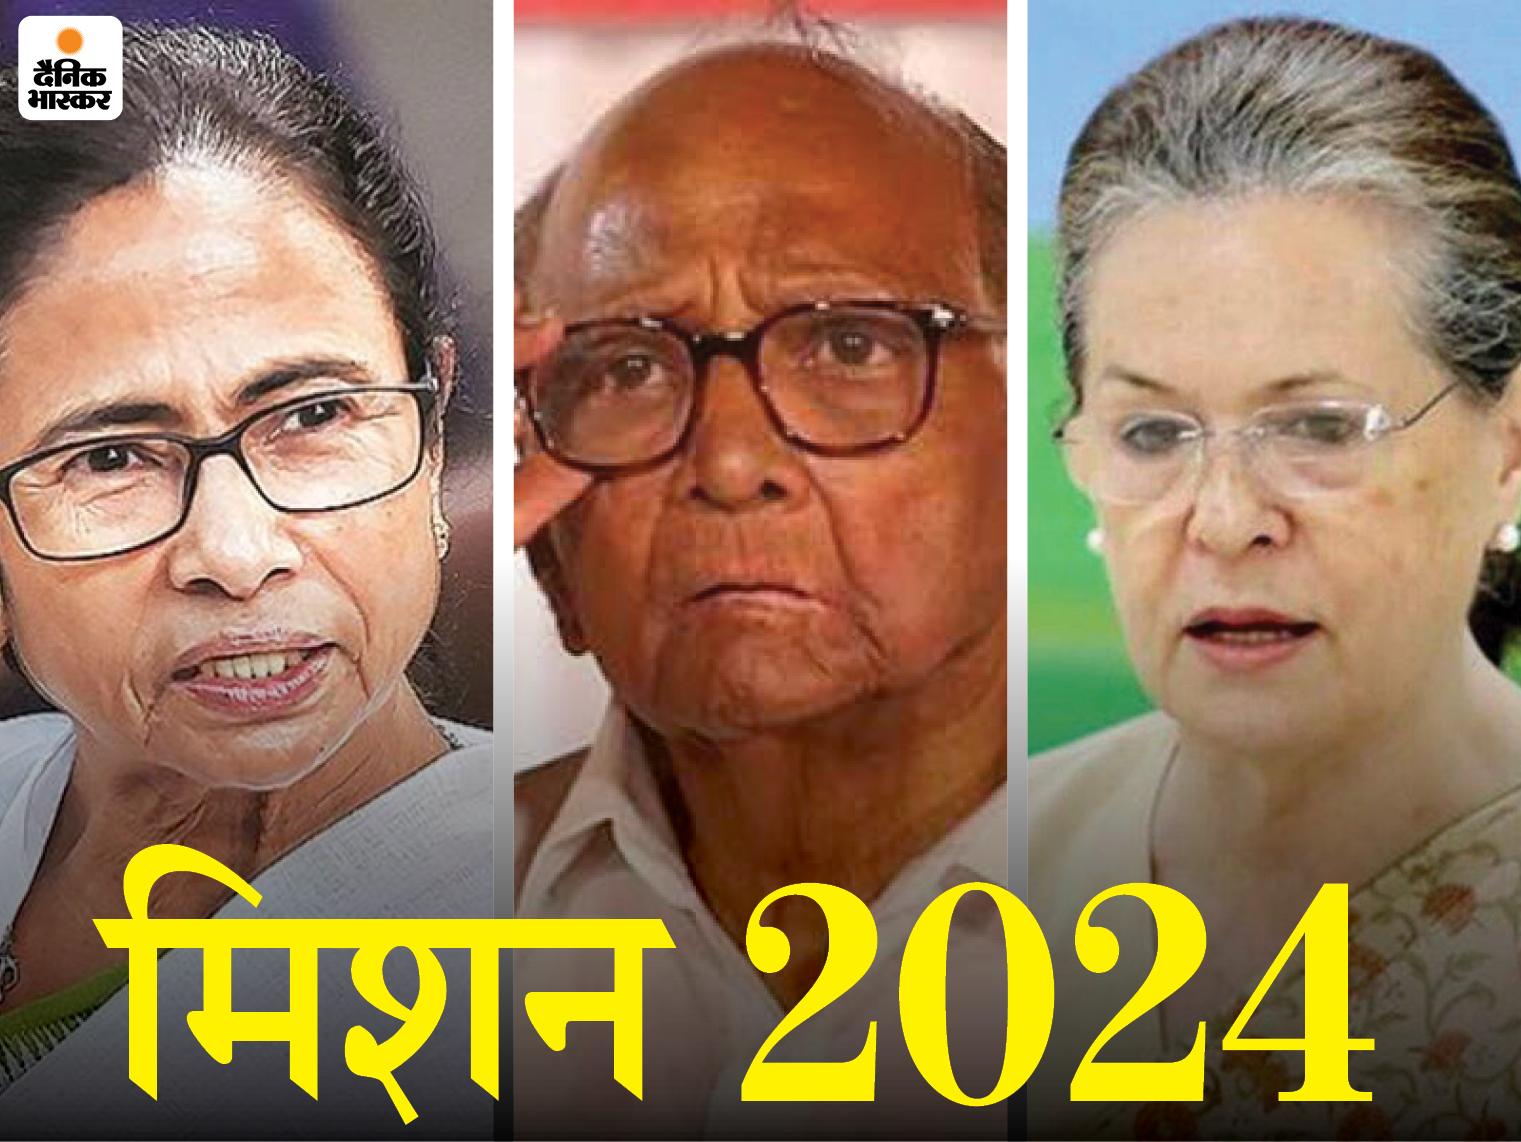 ममता 25 जुलाई से दिल्ली दौरे पर; सोनिया, पवार समेत विपक्षी नेताओं से मुलाकात करेंगी|देश,National - Dainik Bhaskar